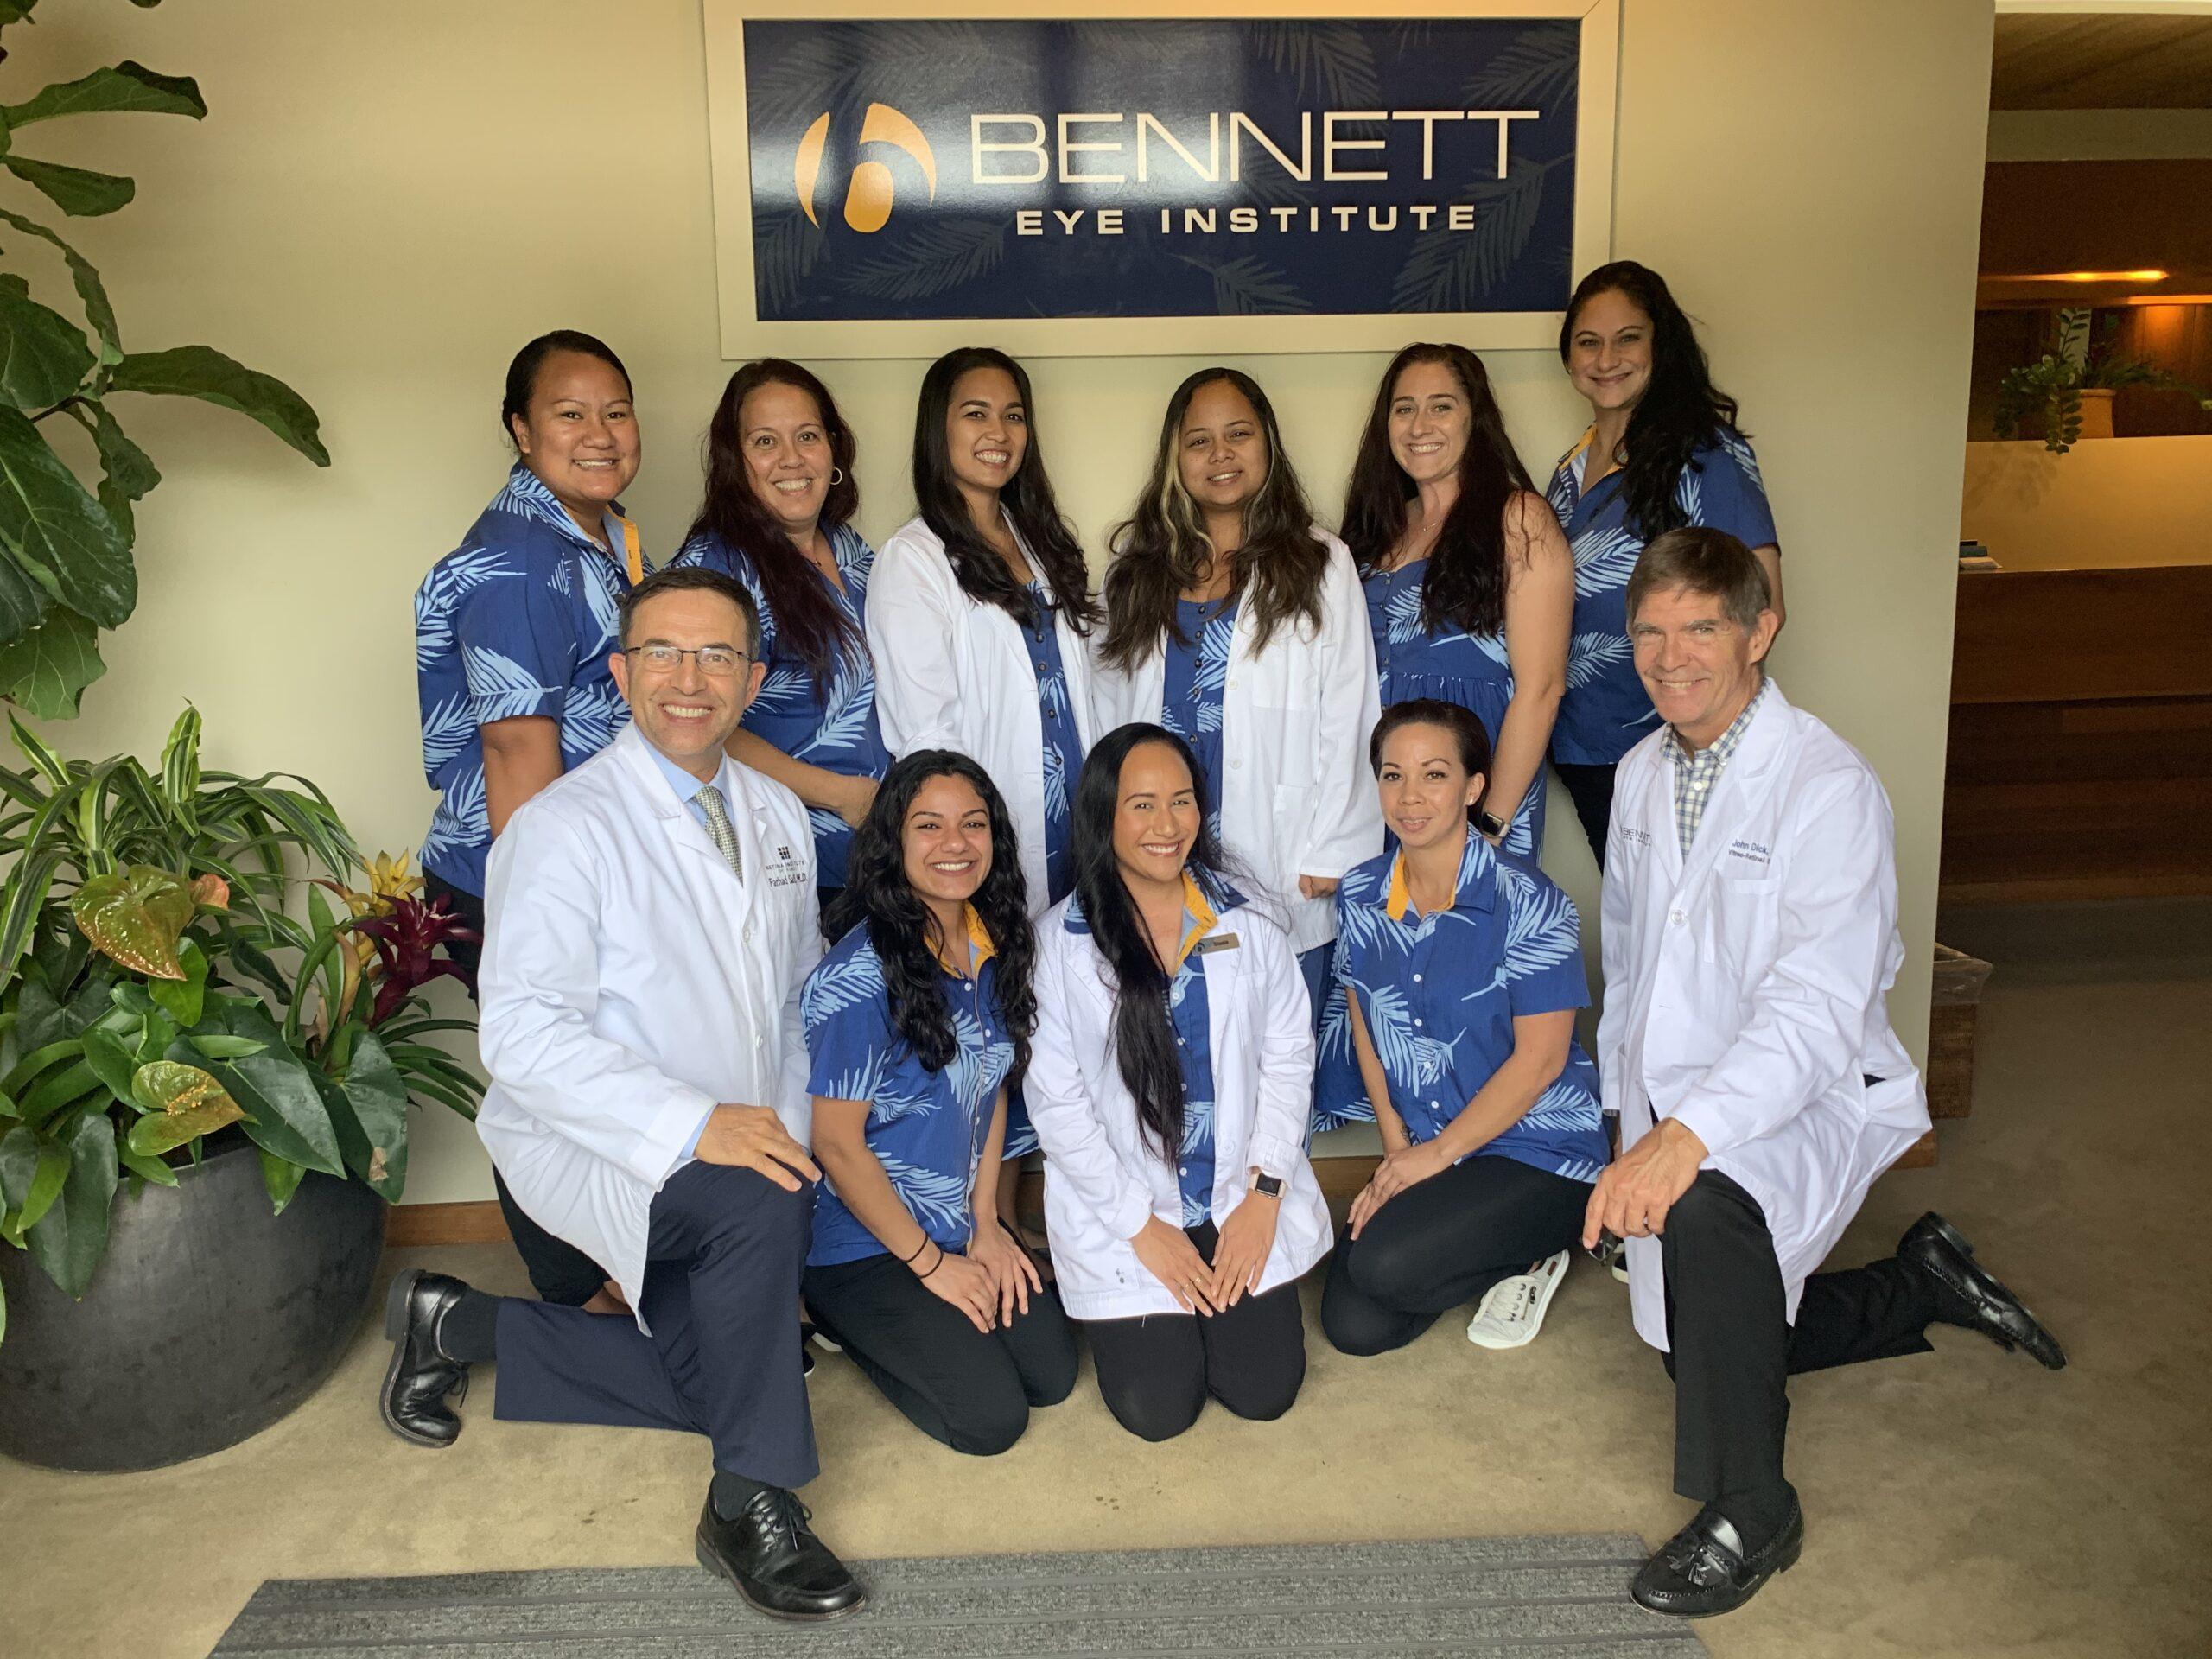 Bennett Eye Institute Staff